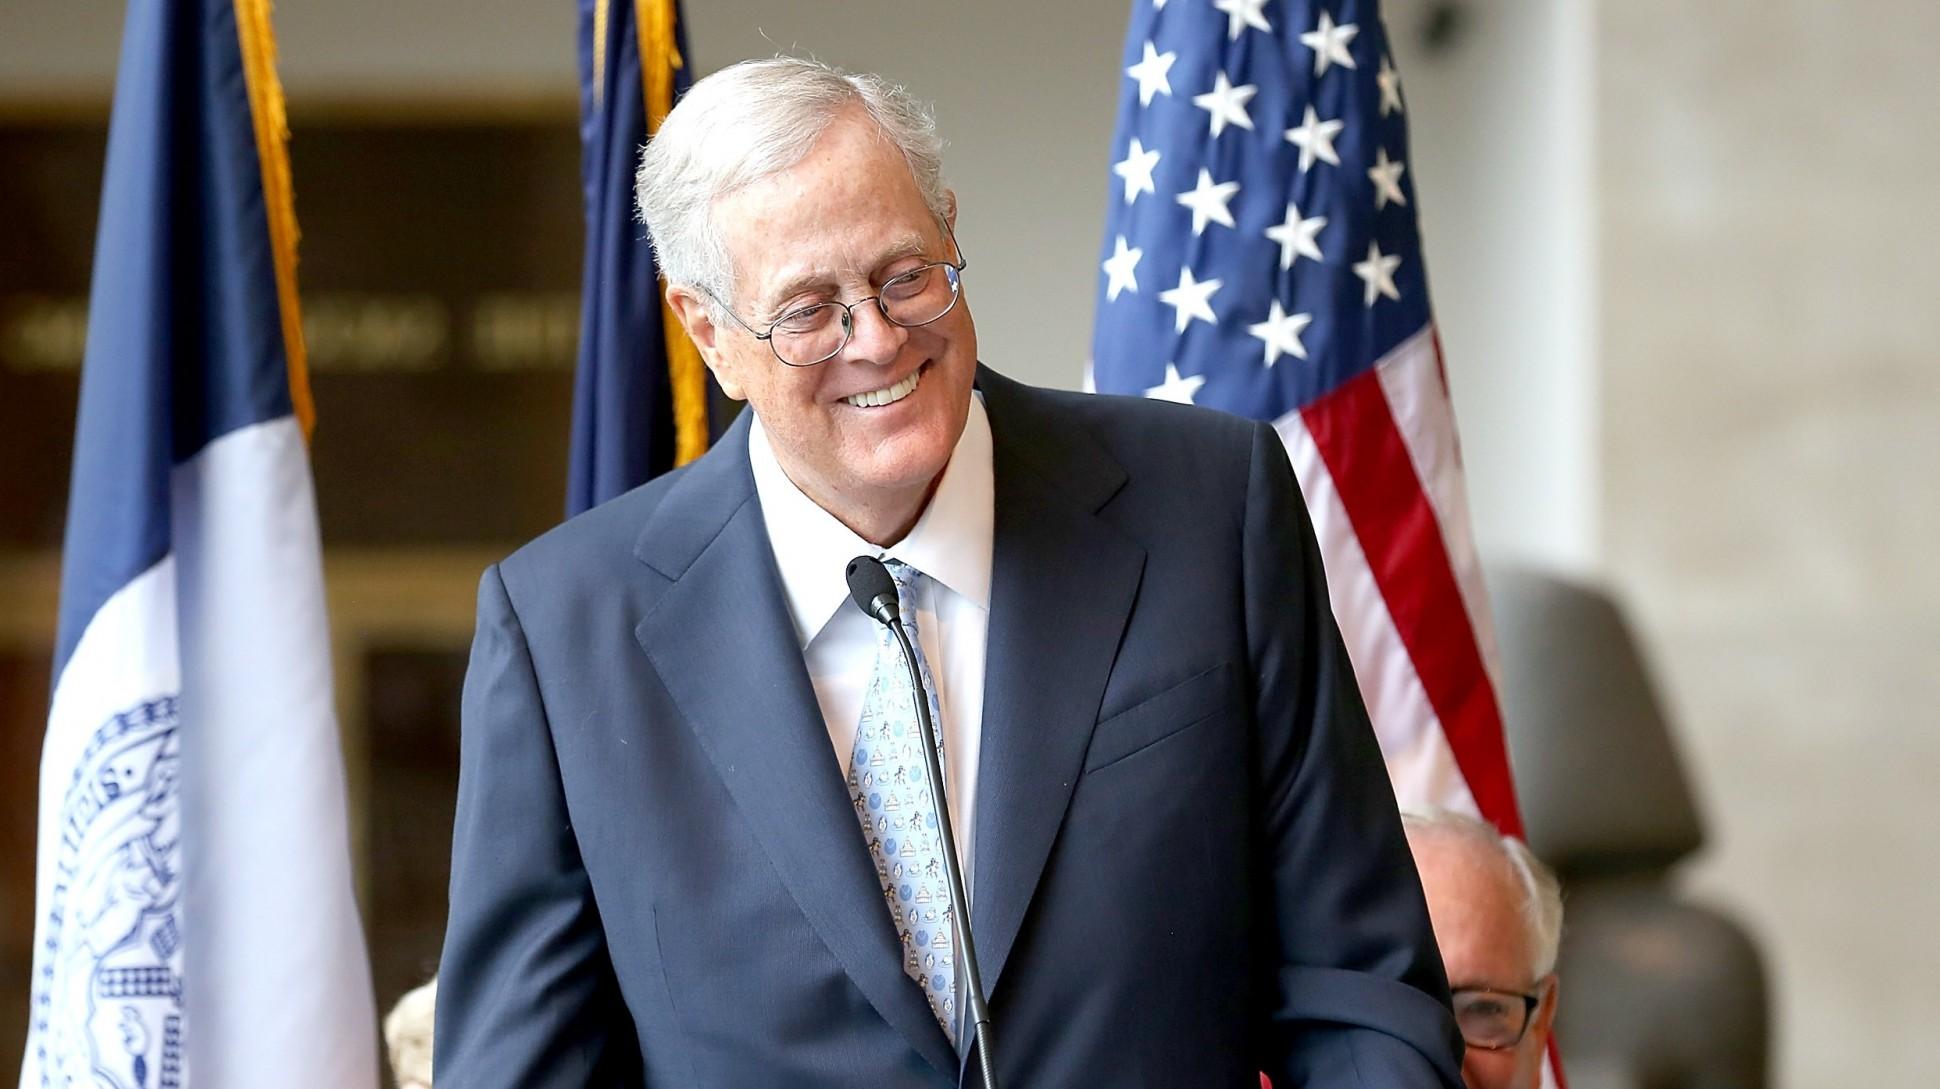 David Koch  N°9  Vicepresidente de Koch Industries de los 35 hombres más ricos del mundo 2017 lista Forbes completa actualizada